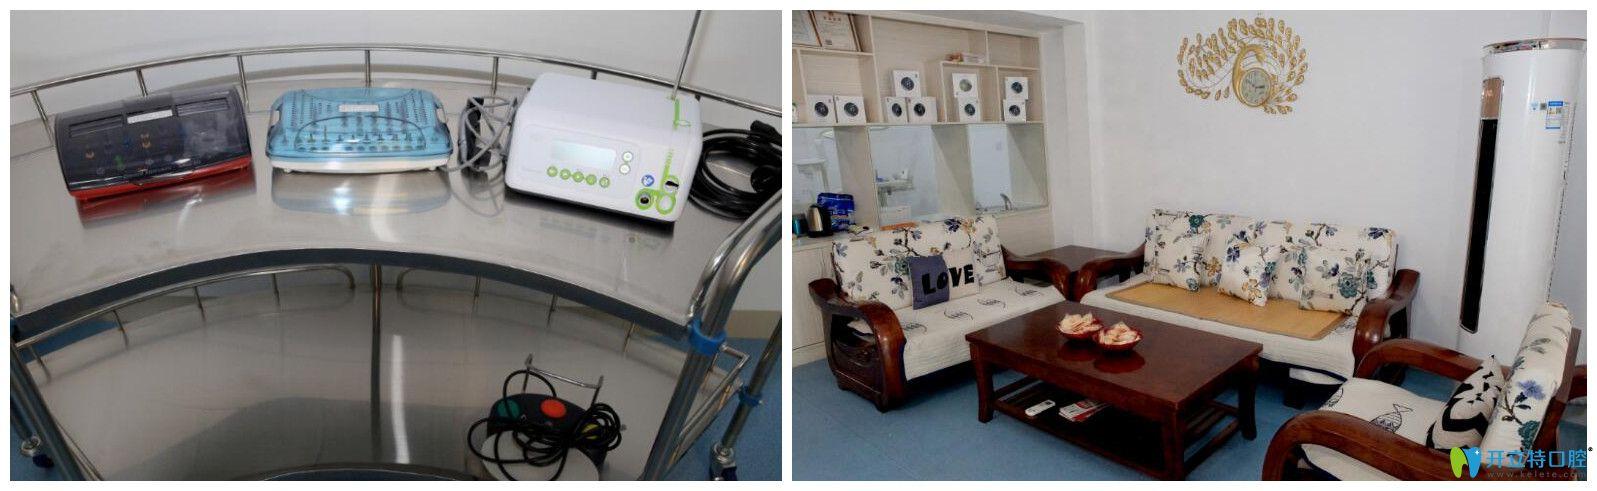 陈陈口腔休息室及消毒设备照片